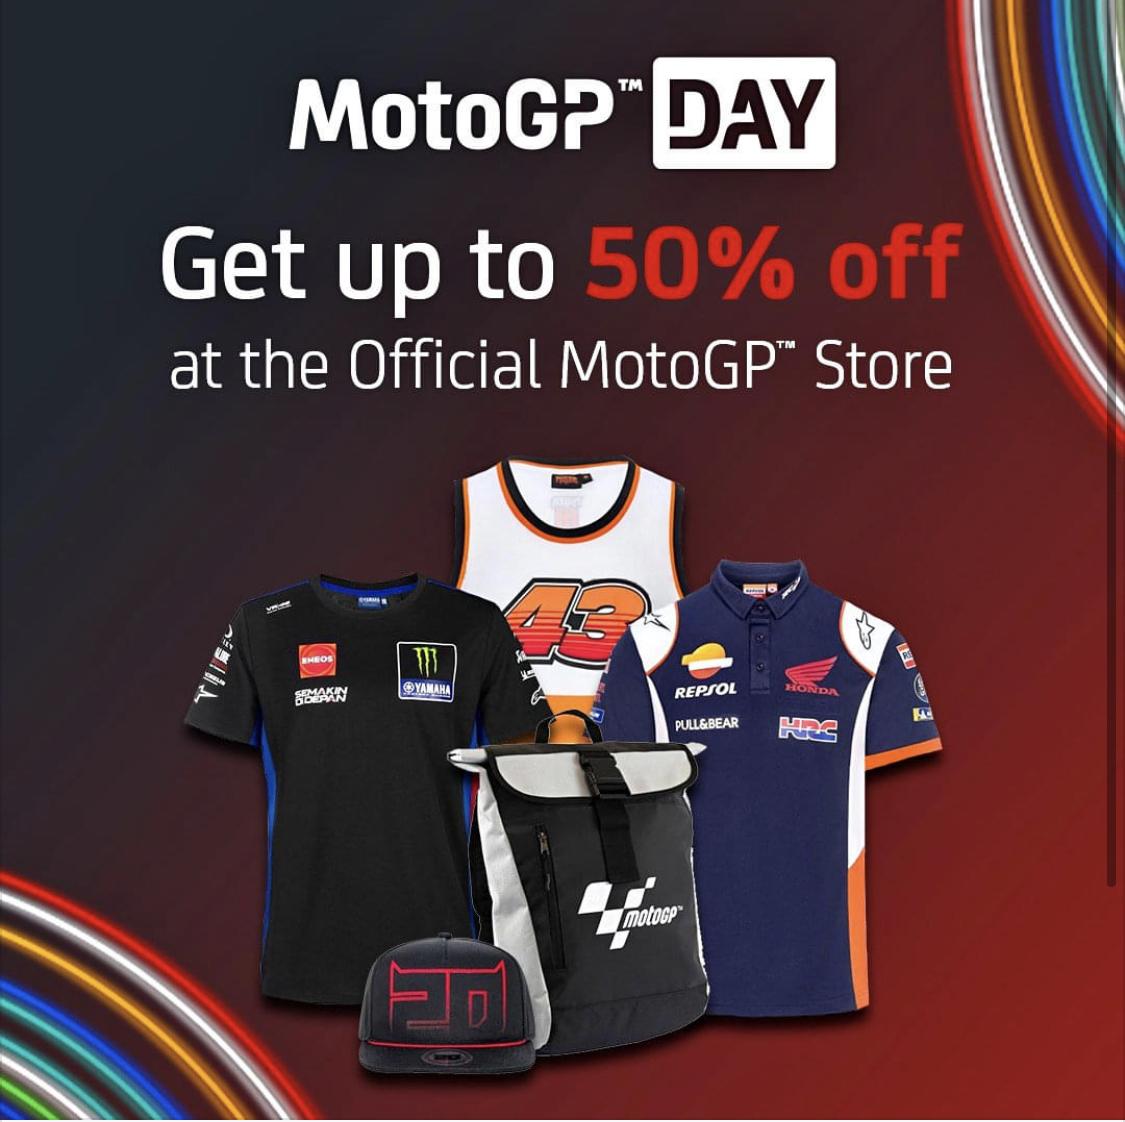 MotoGP Days | Hasta -50% en más de 600 artículos oficiales